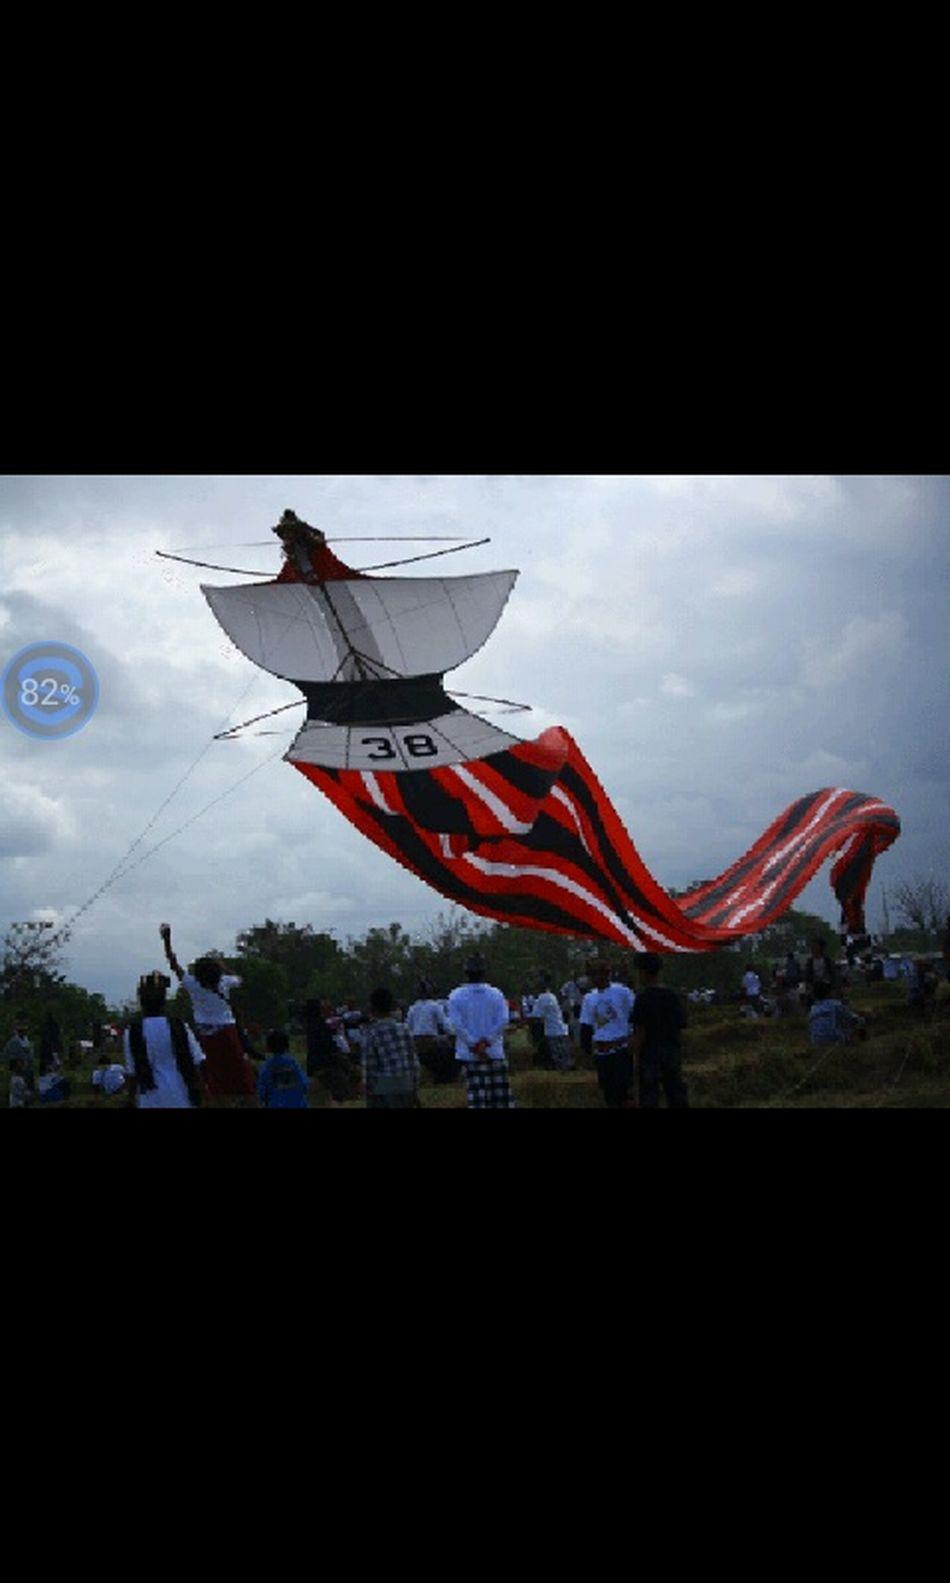 Bali festival kite Hello World